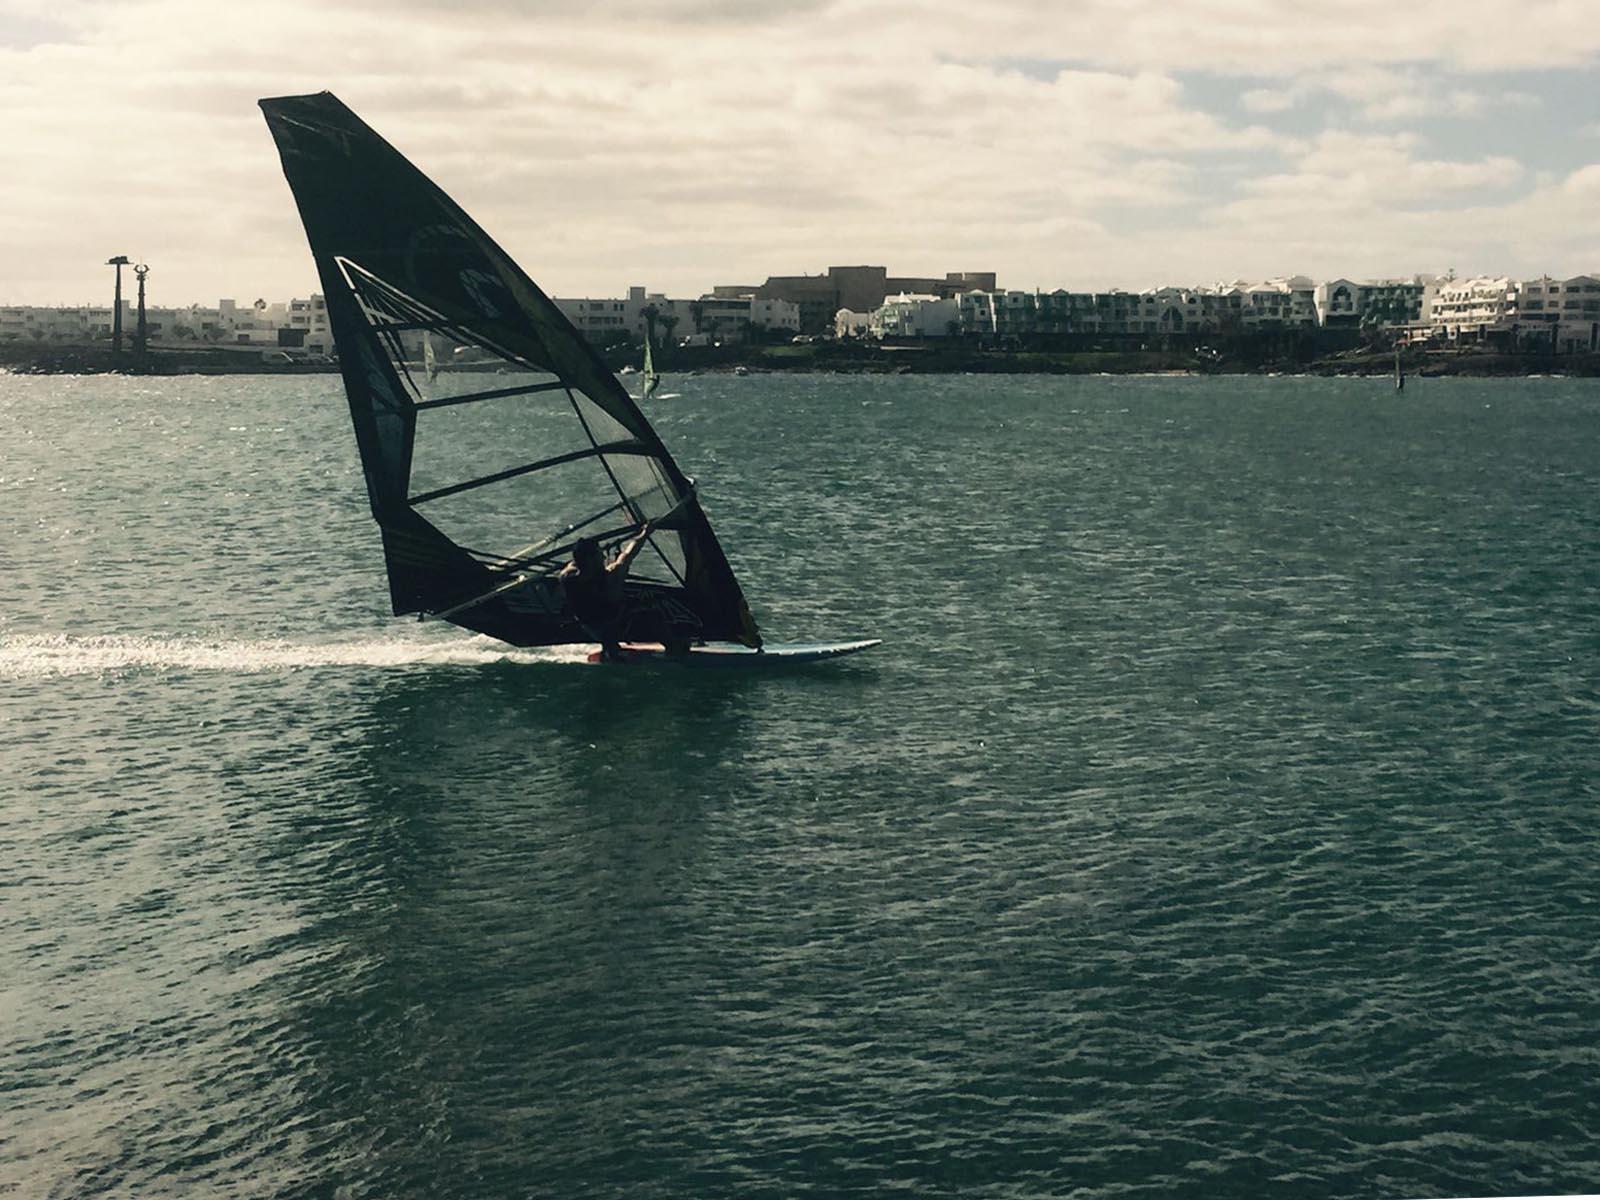 Kurosh Kiani at full speed windsurfing